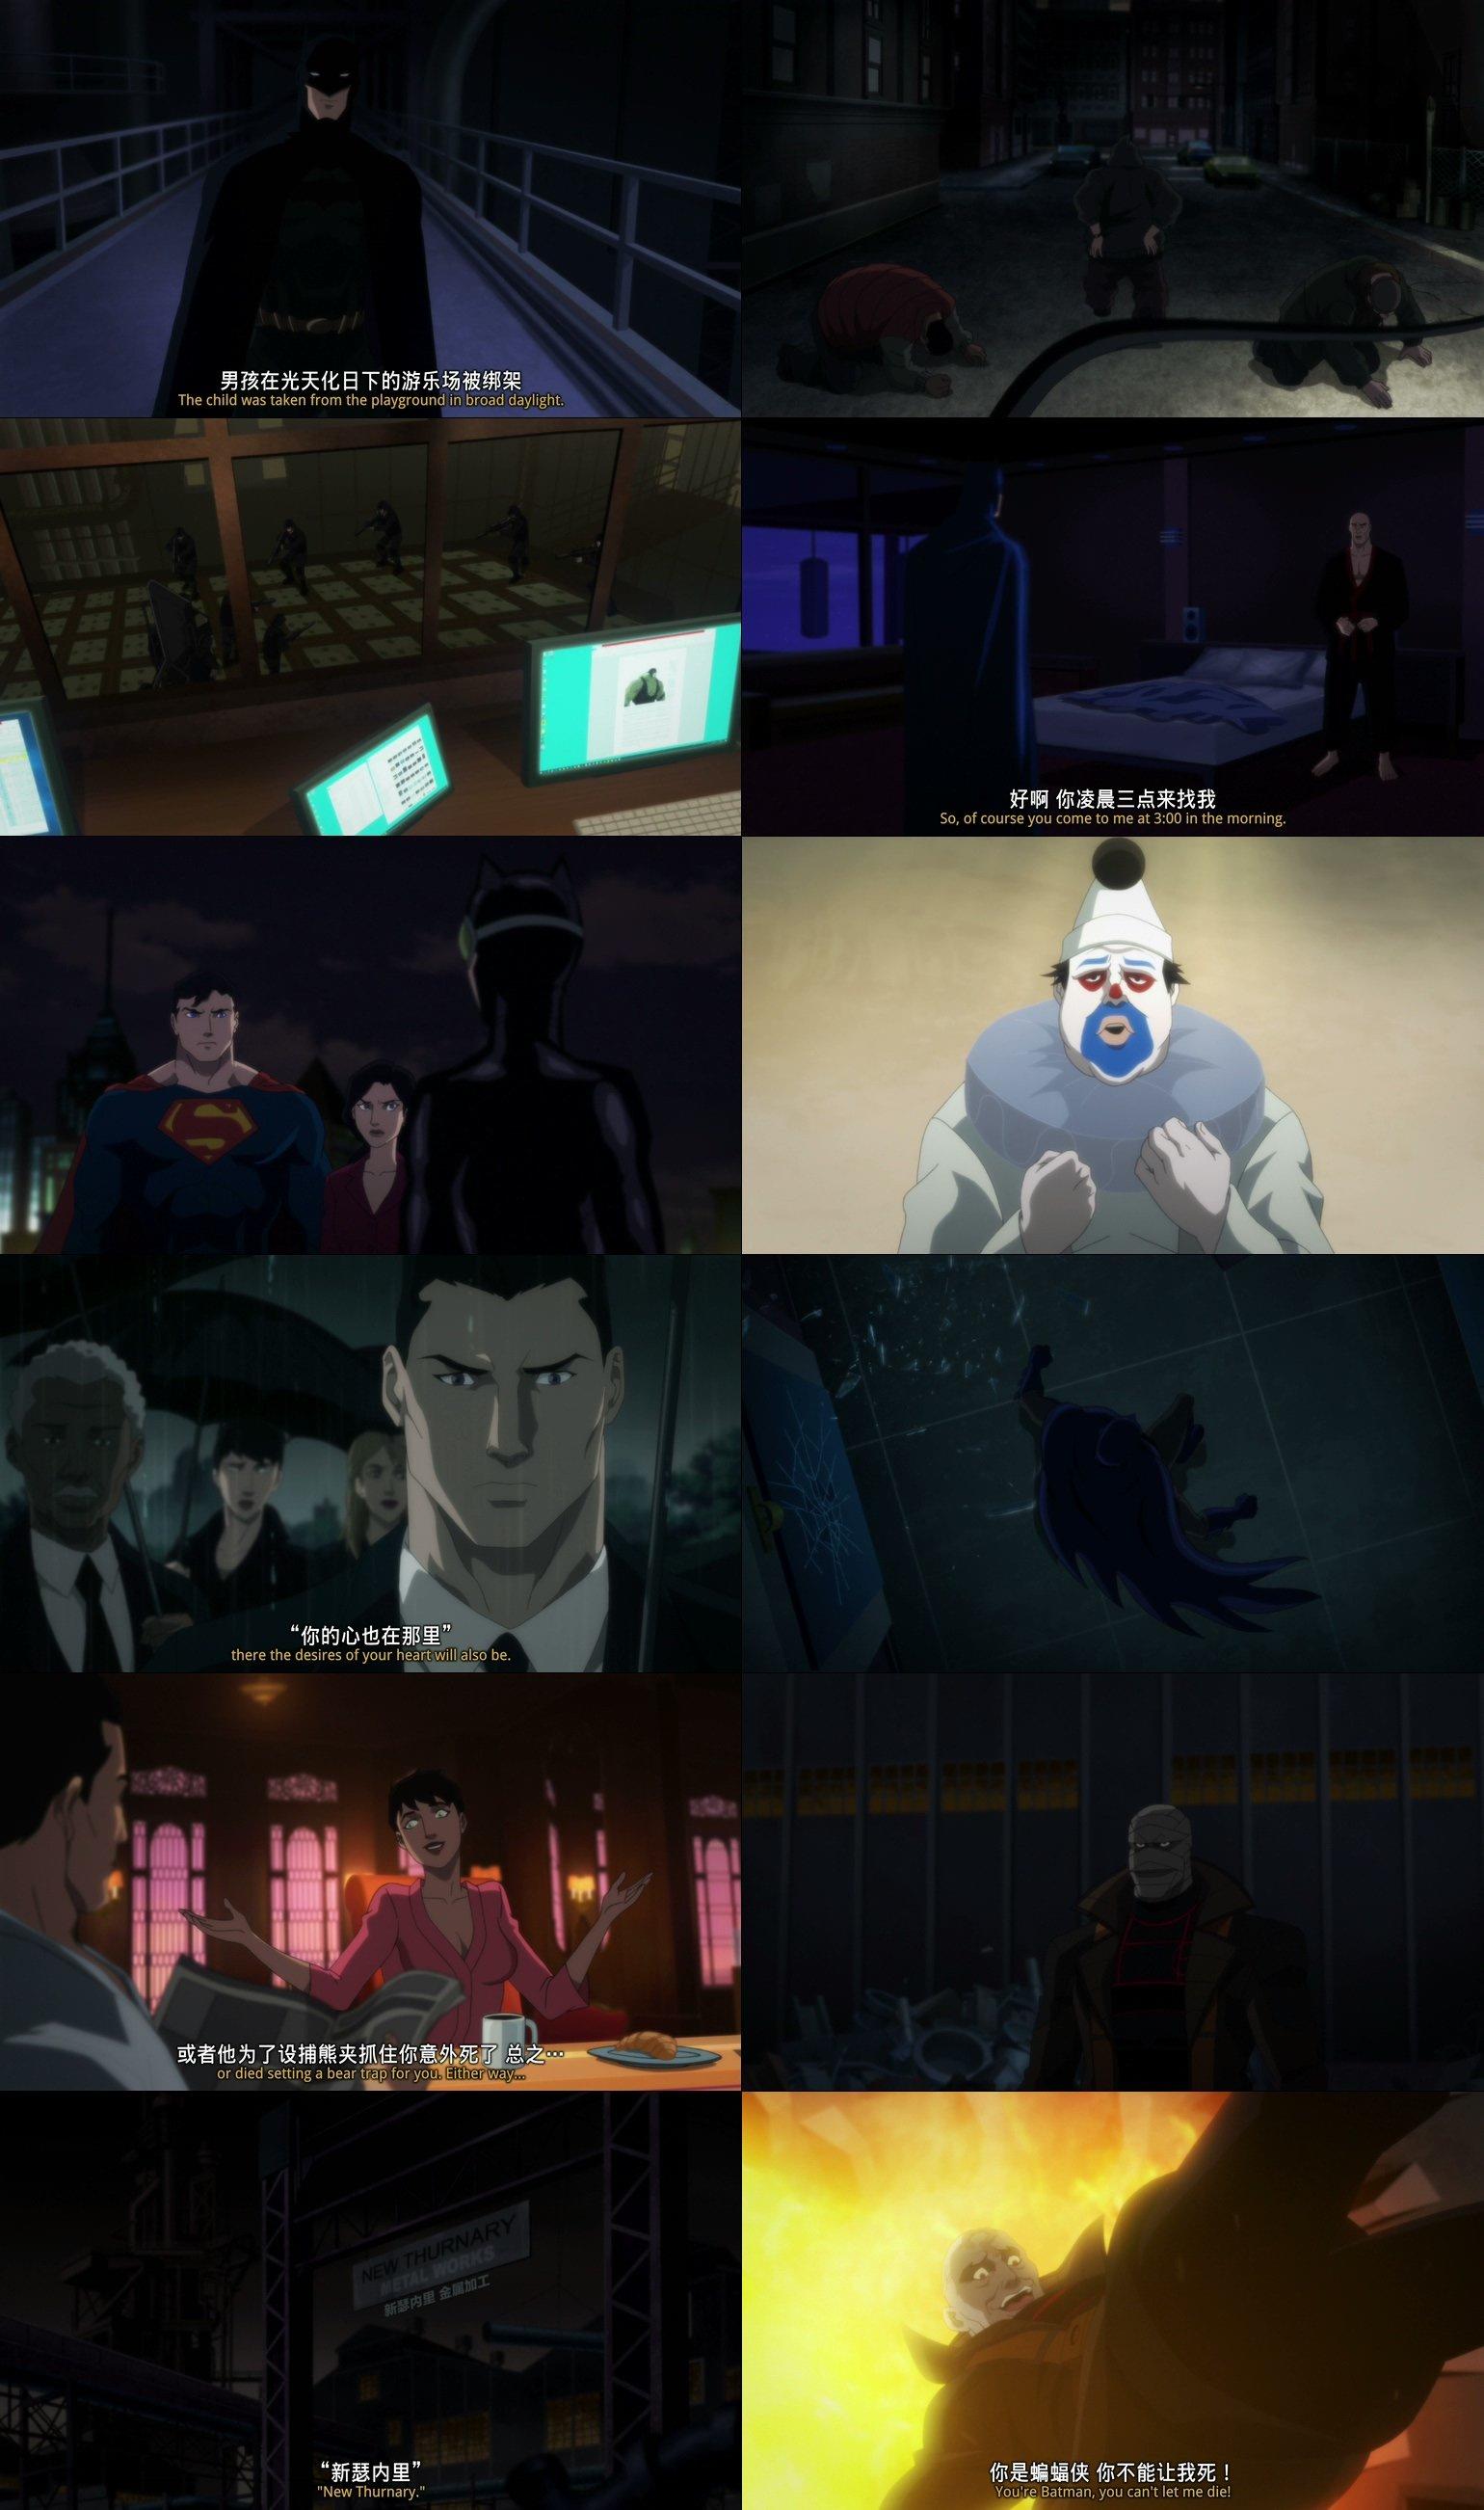 [美] 蝙蝠俠:緘默.2019.HD-1080p[MKV@3.1G@多空@簡英]